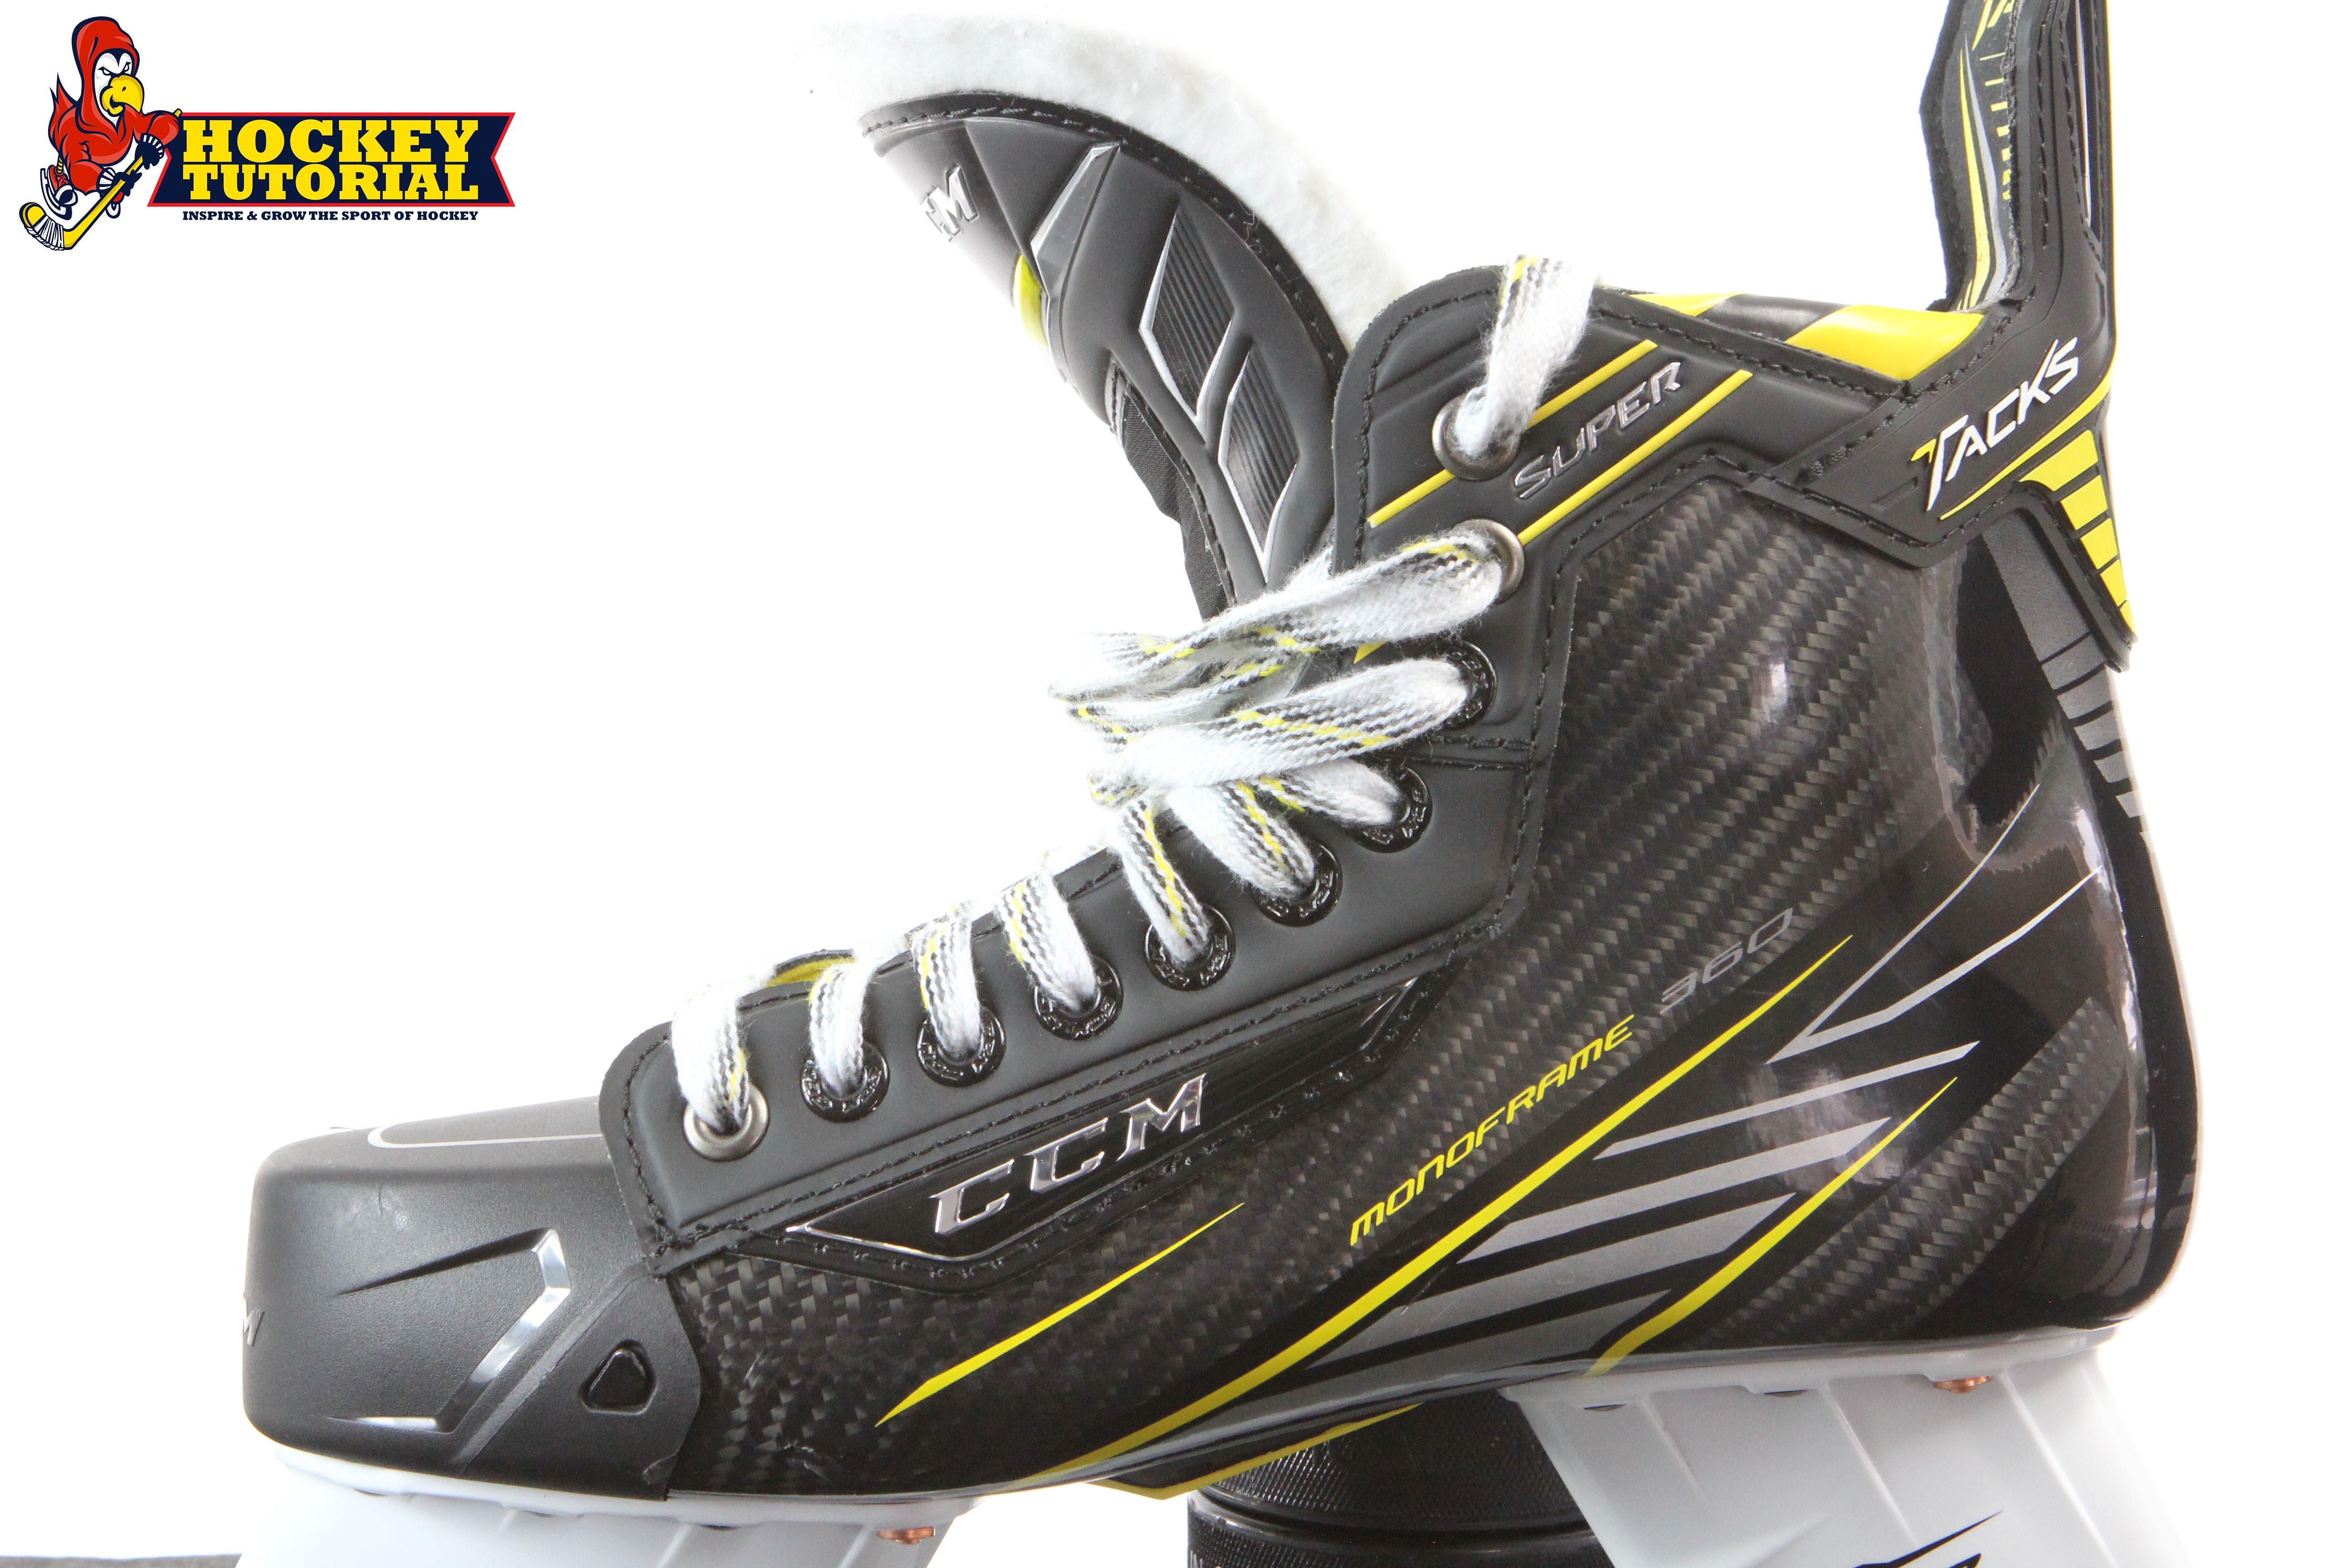 Die Unglaubliche Größe Skates Eishockey Meisten Breite 14 F3lc1JKuT